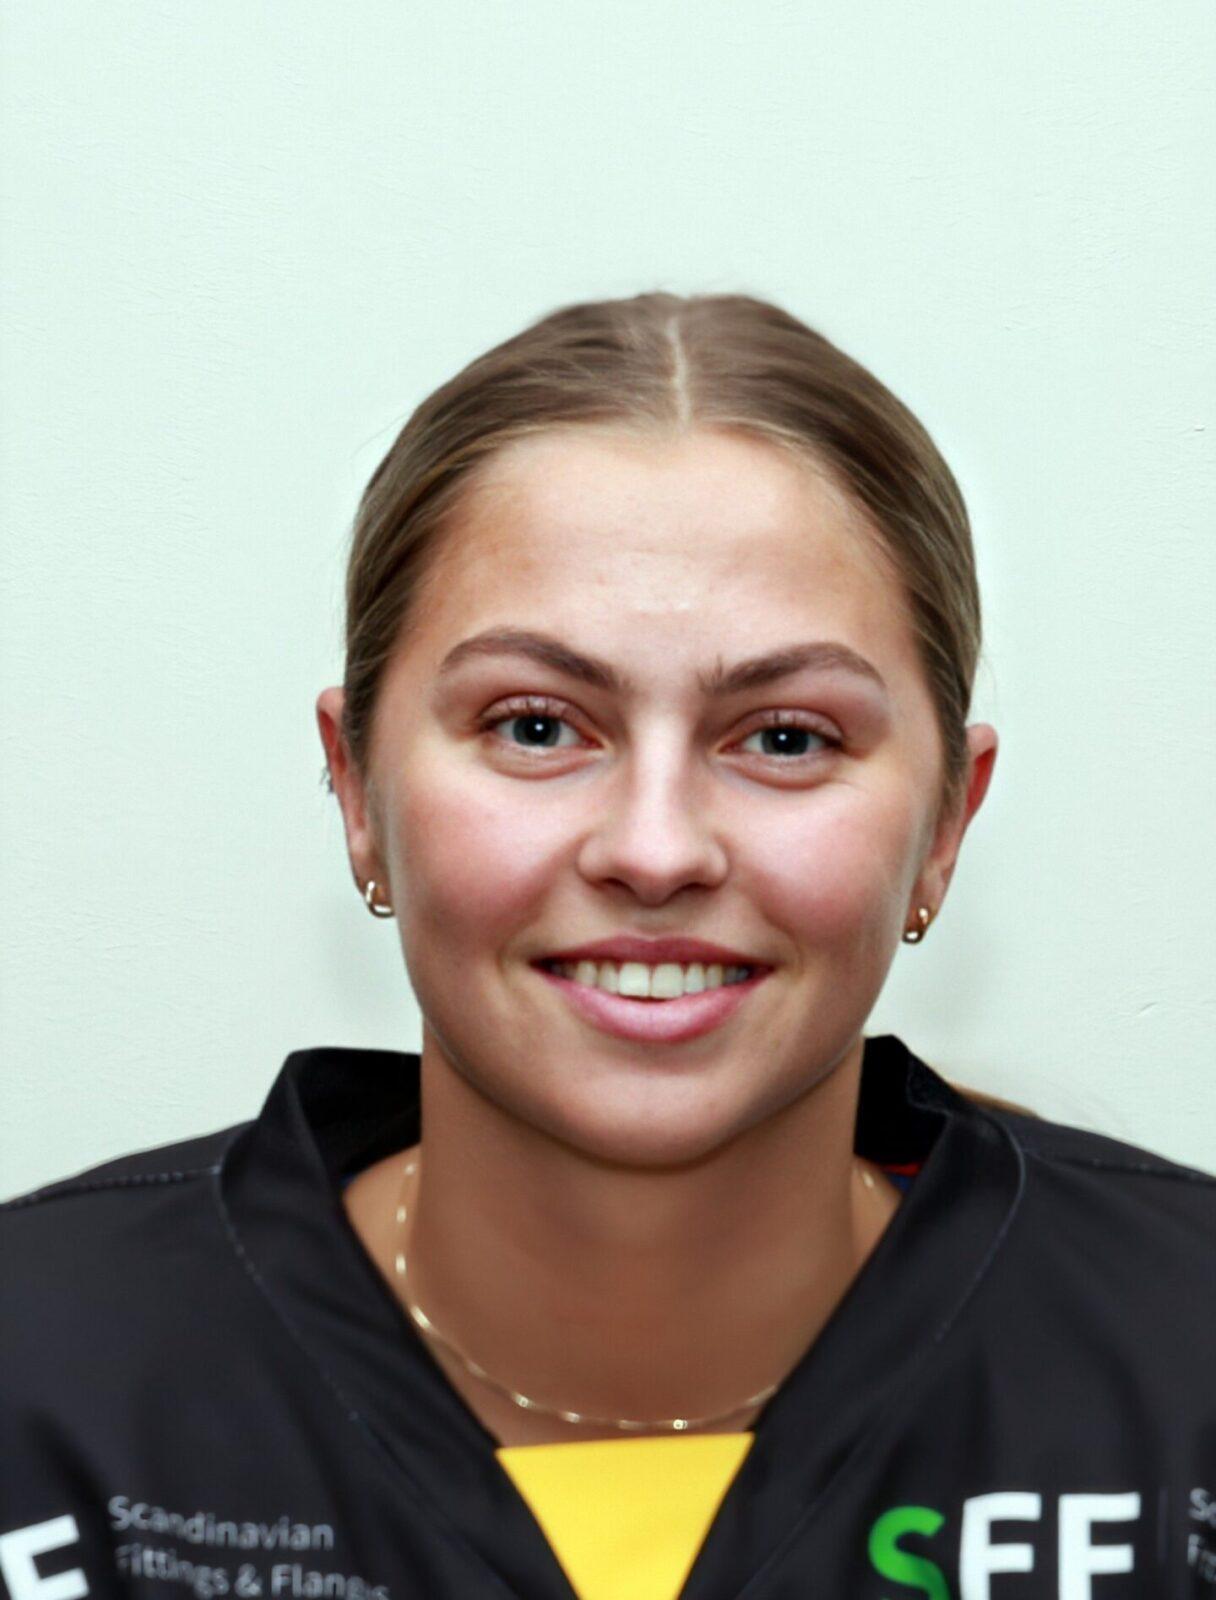 Stine Myreng Kjellesvik